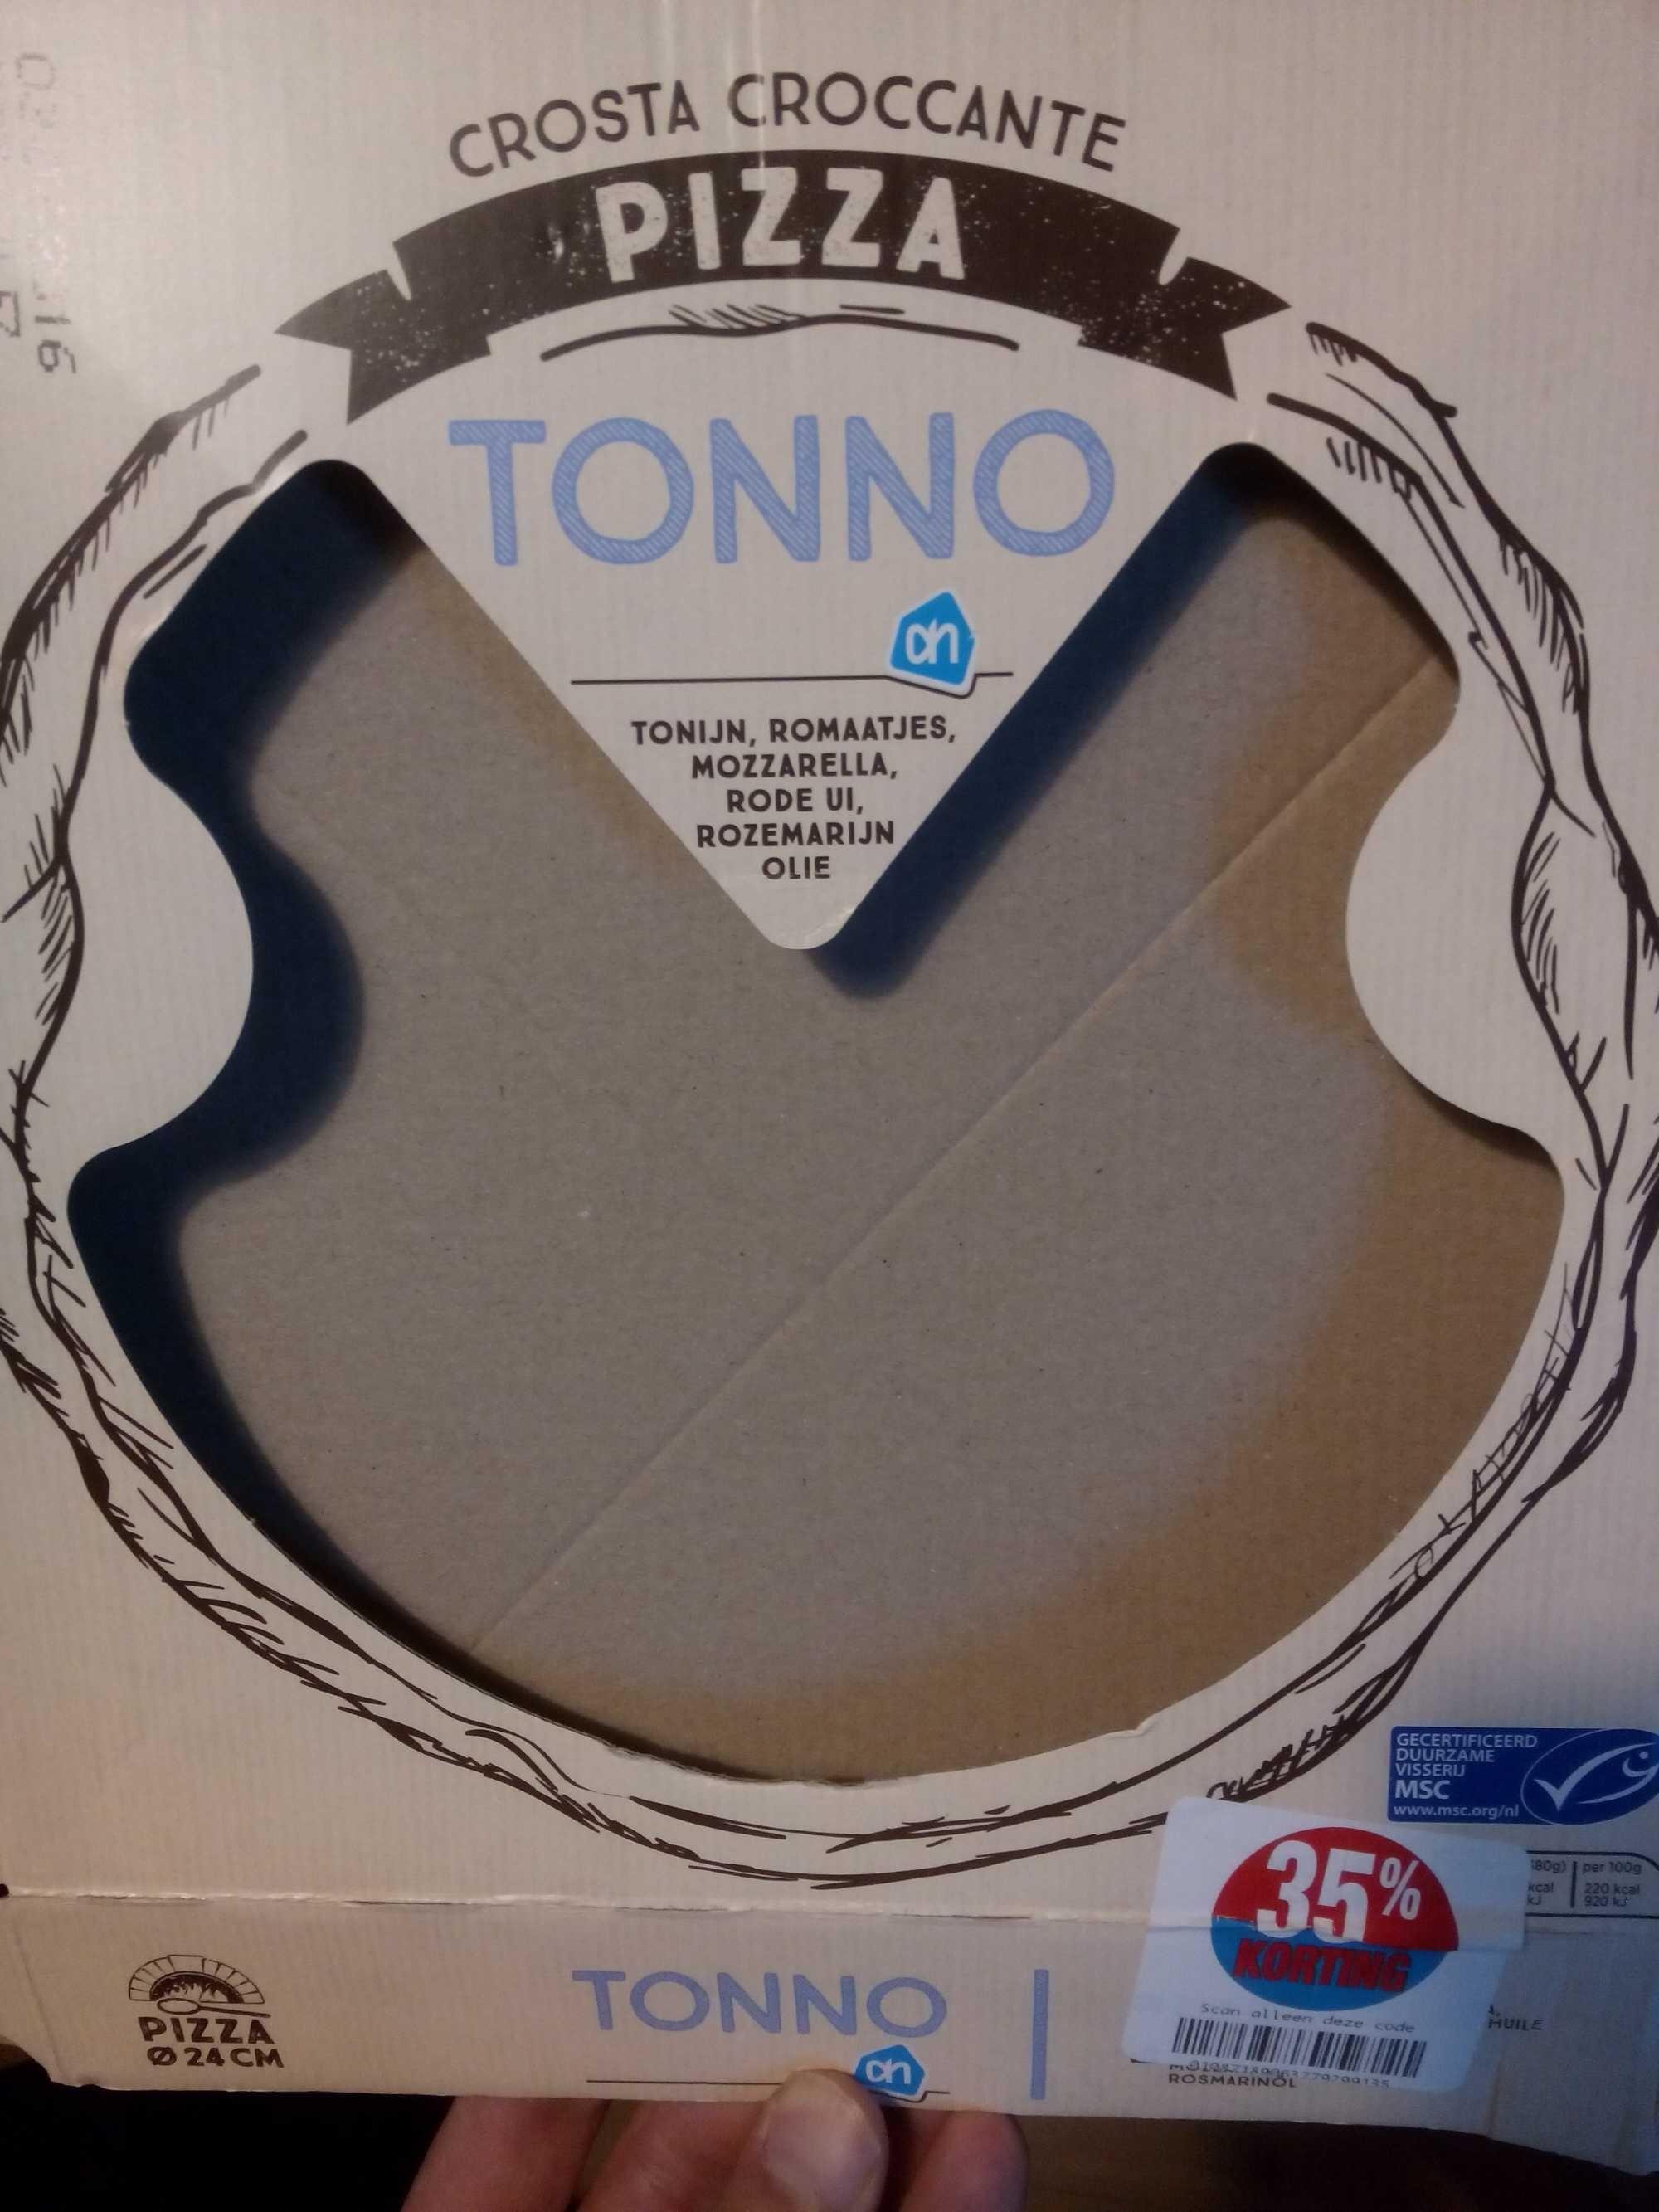 Crosta Croccante Pizza Tonno - Product - en